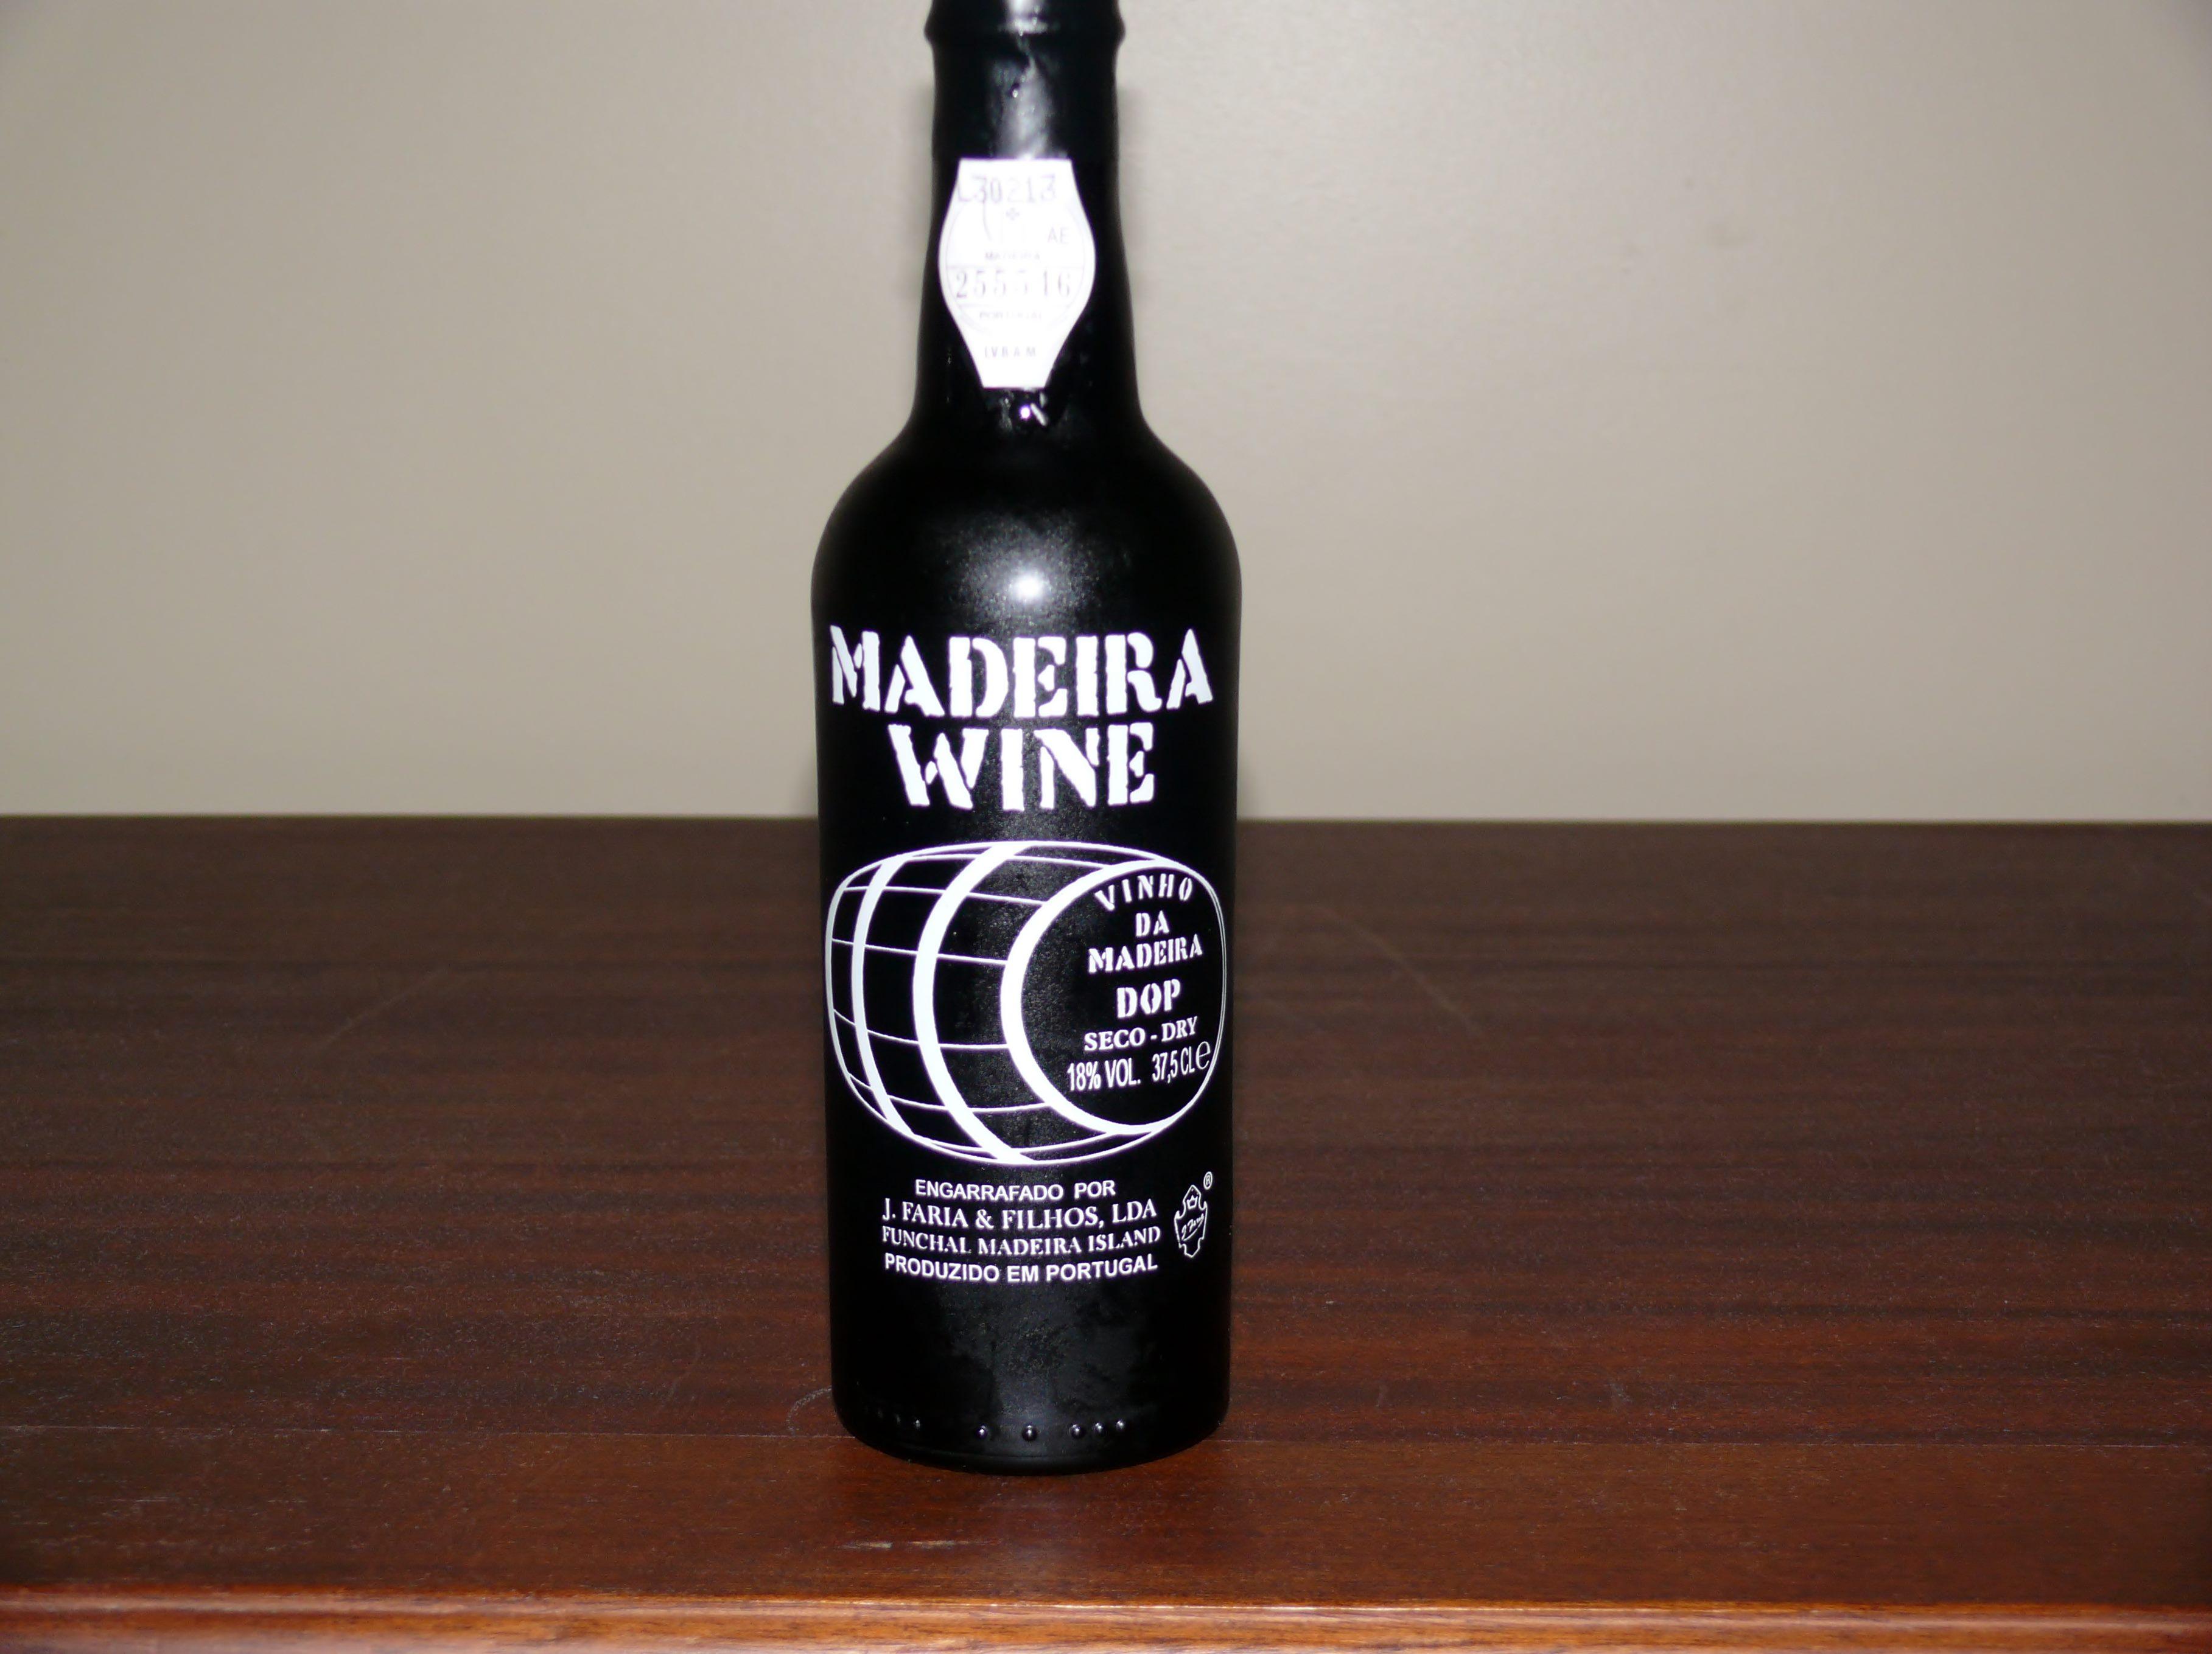 Faria Madeira wine